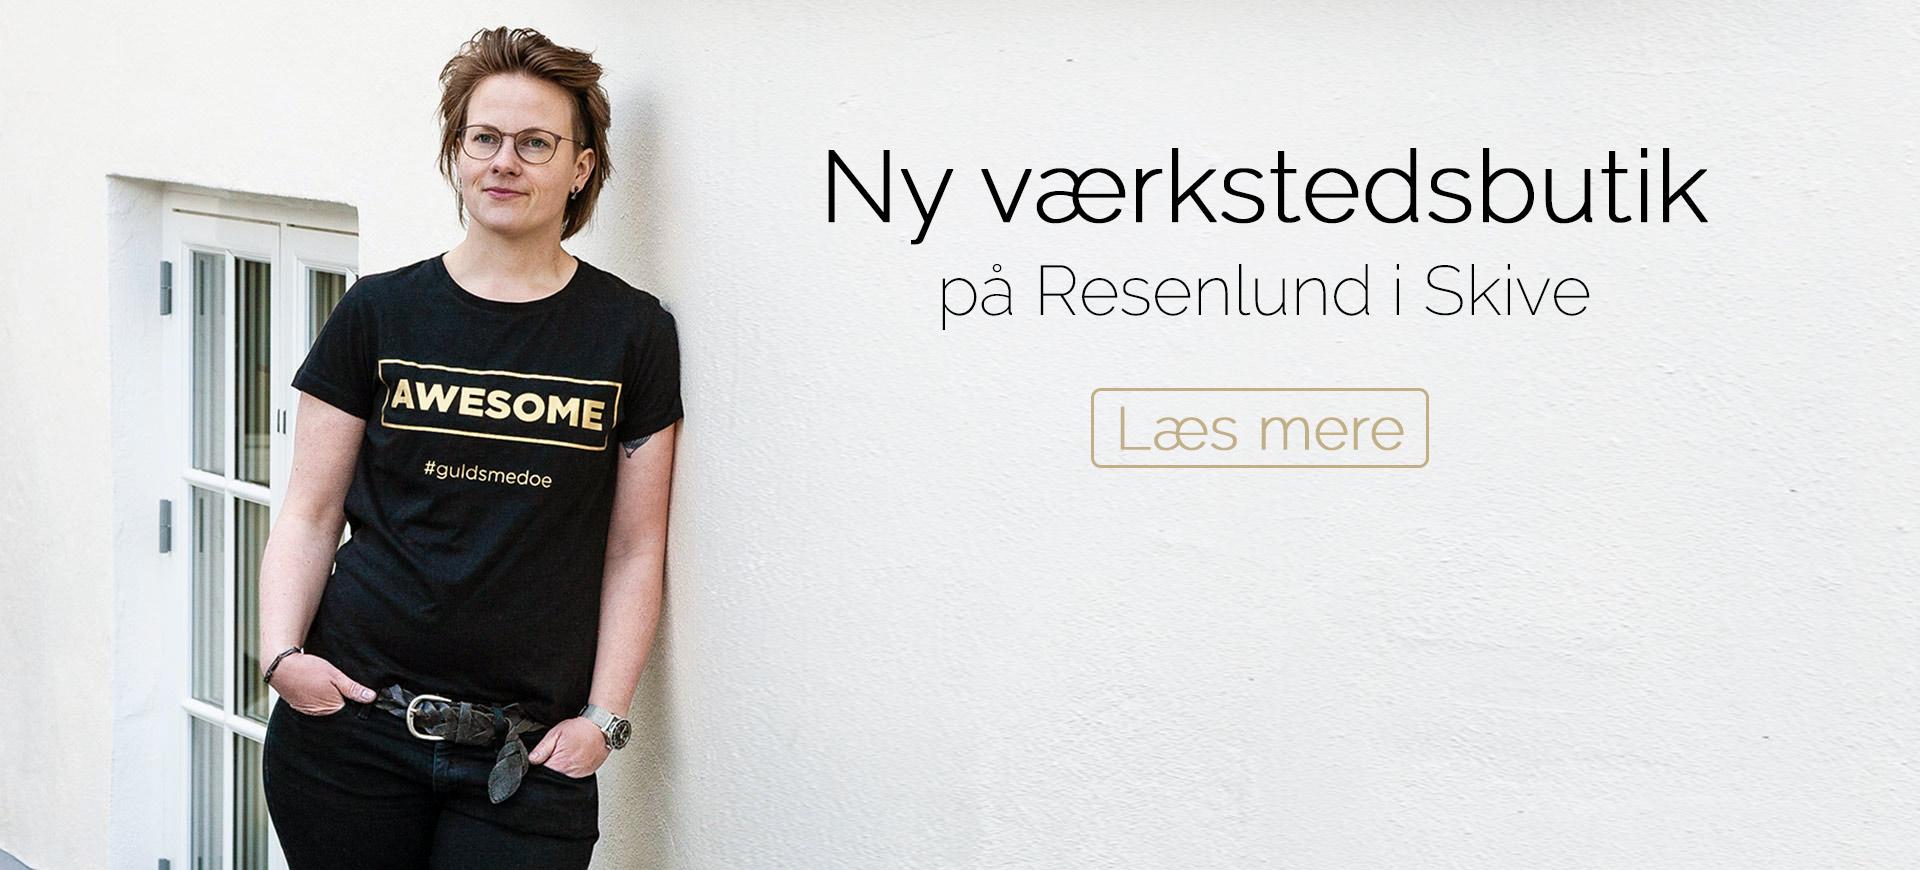 ny-vaerkstedsbutik-paa-resenlund-skive-guldsmed-oe-2